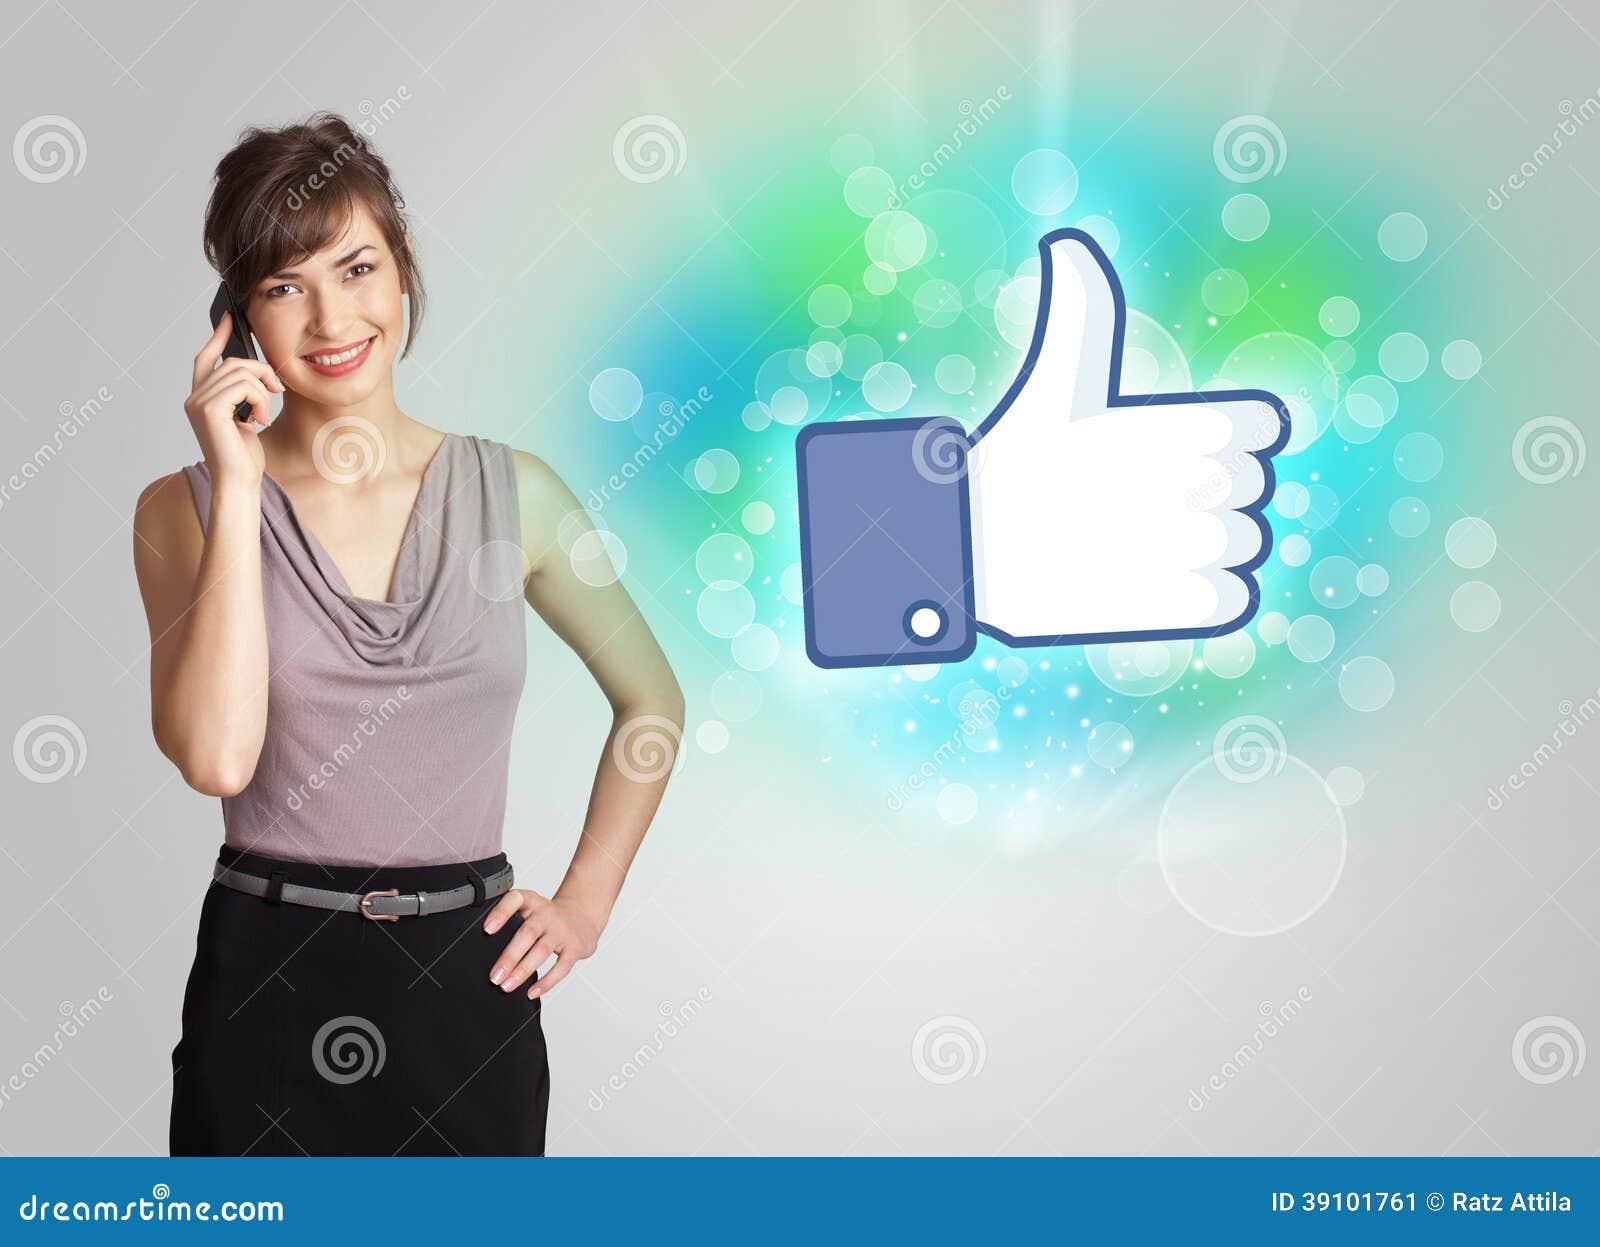 Jong meisje met gelijkaardige sociale media illustratie